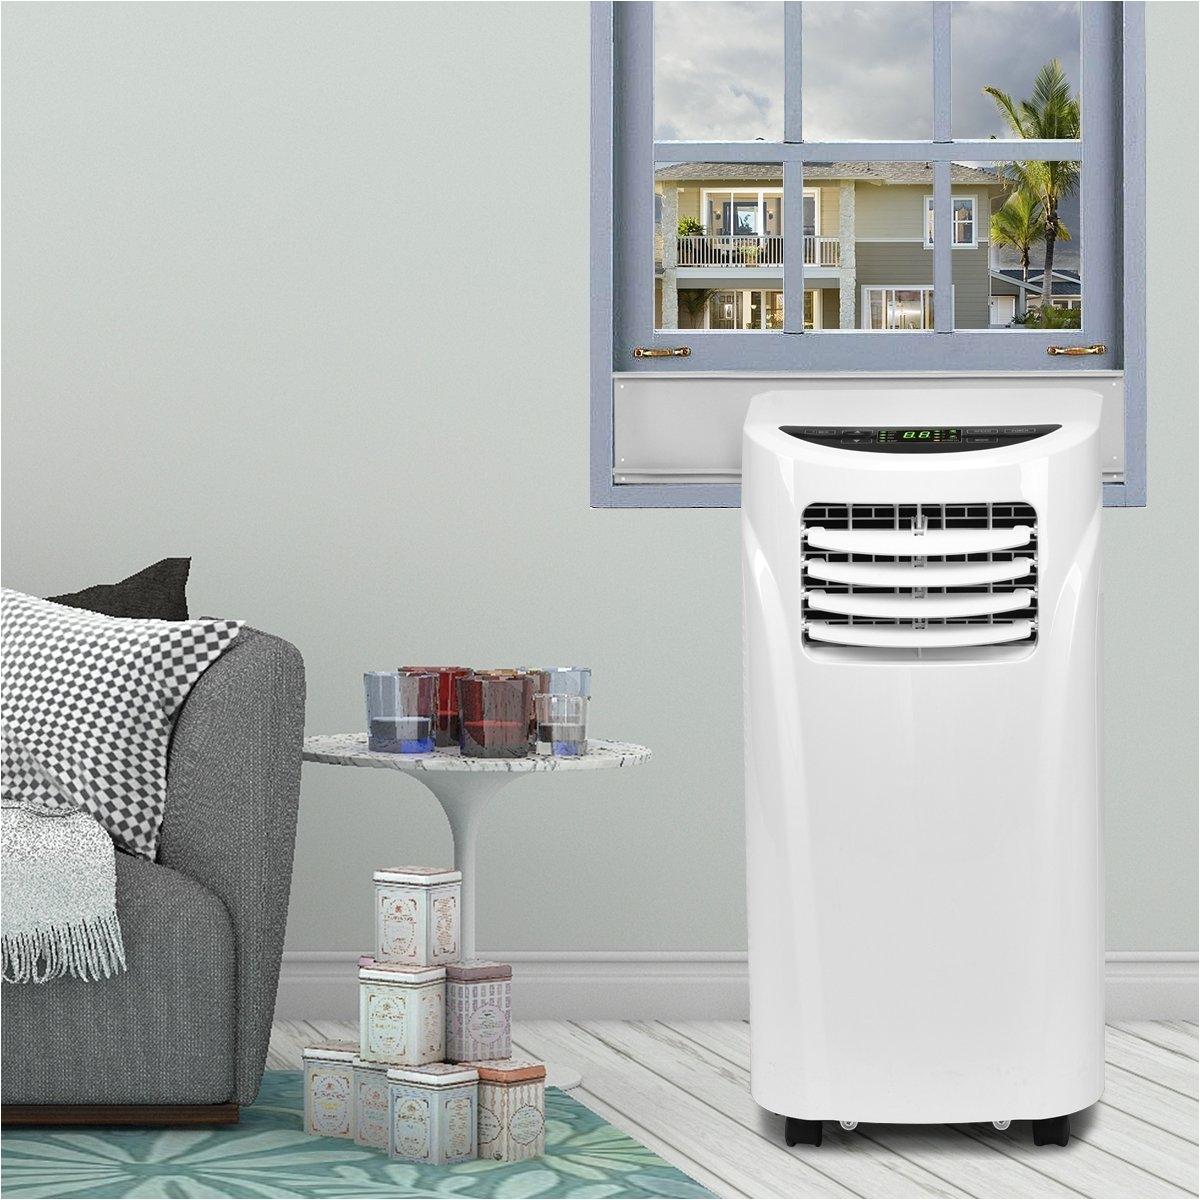 10 X 12 Bedroom Ac Unit Amazon Com Costway 10 000 Btu Portable Air Conditioner with Remote